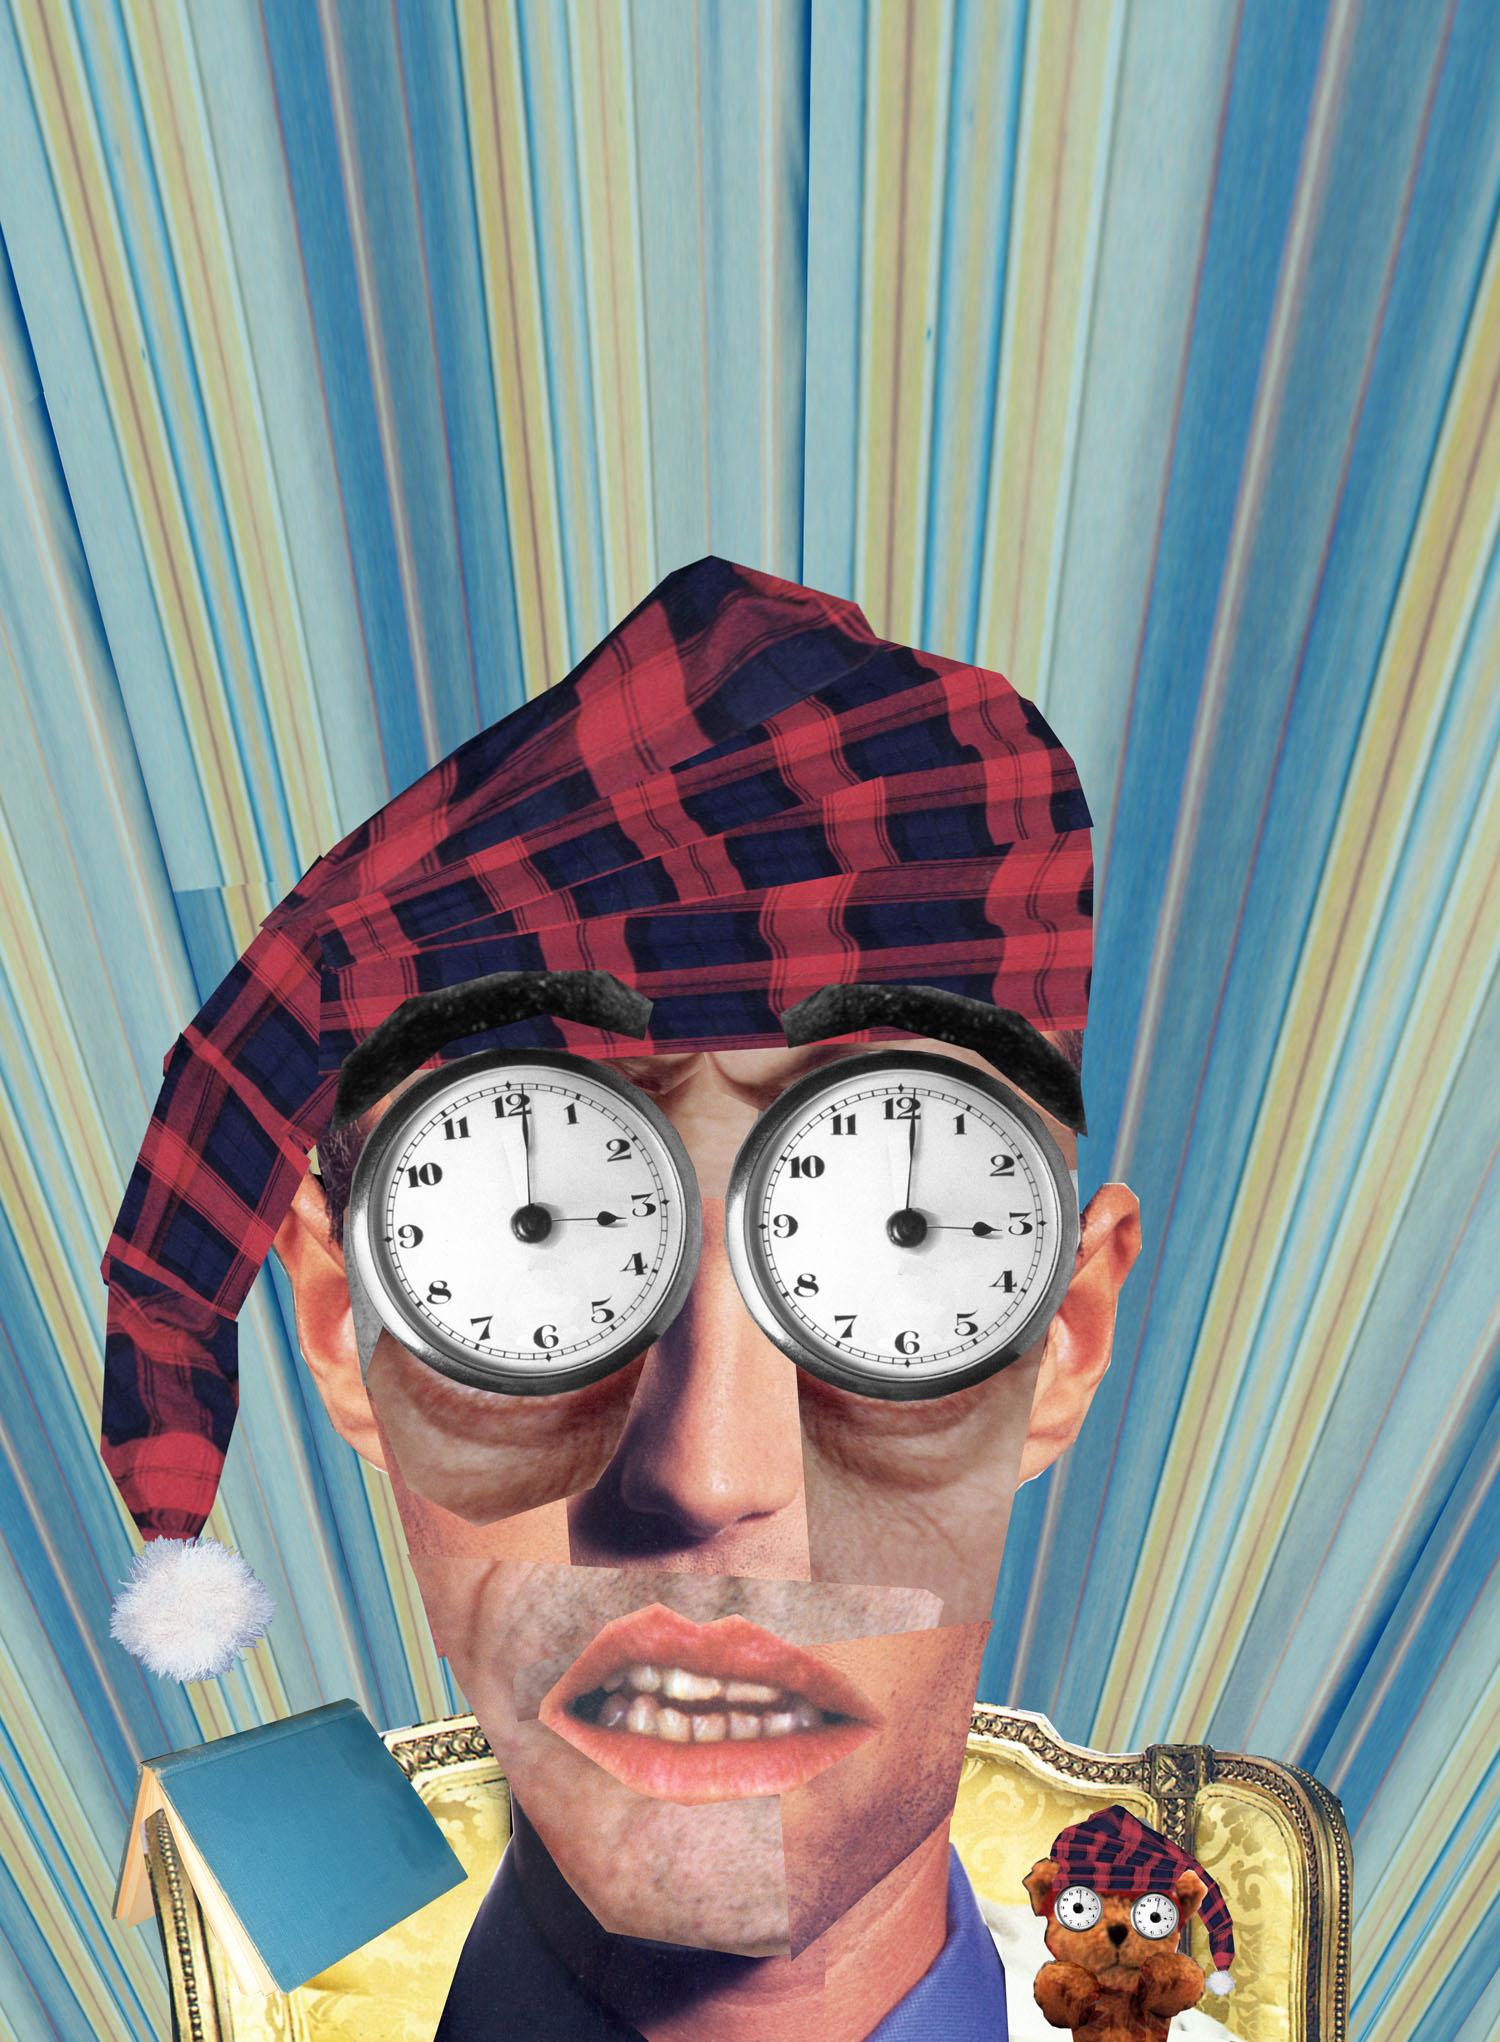 070507procrastinator copy.jpg